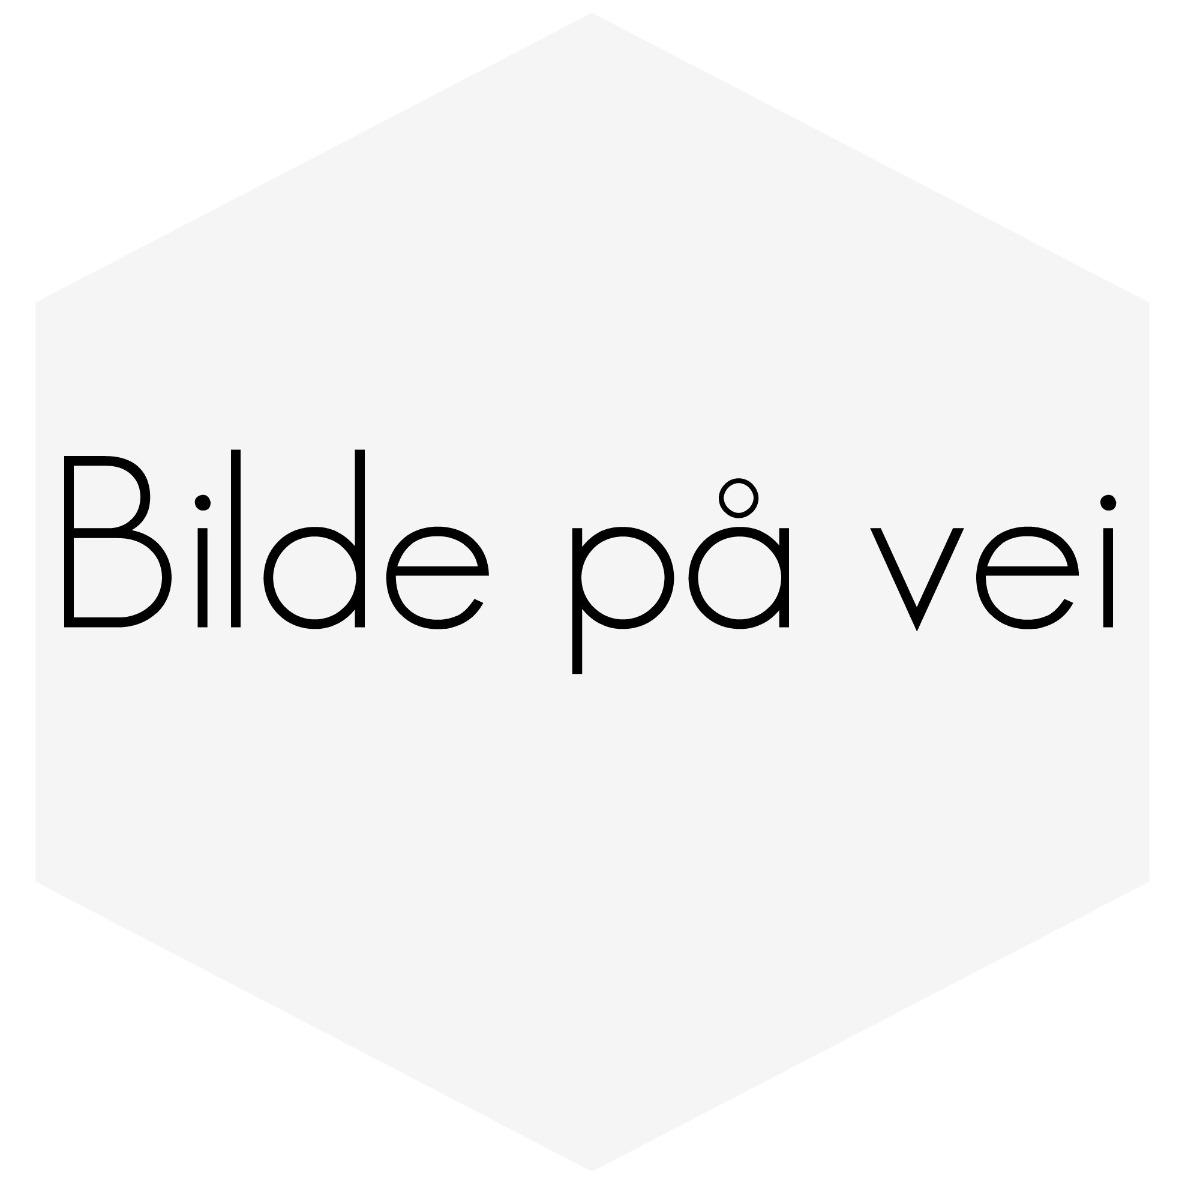 BRAKKET WASTEGATE/AKTIVATOR PÅ 940 LT VED BYTTE TIL STØRRE